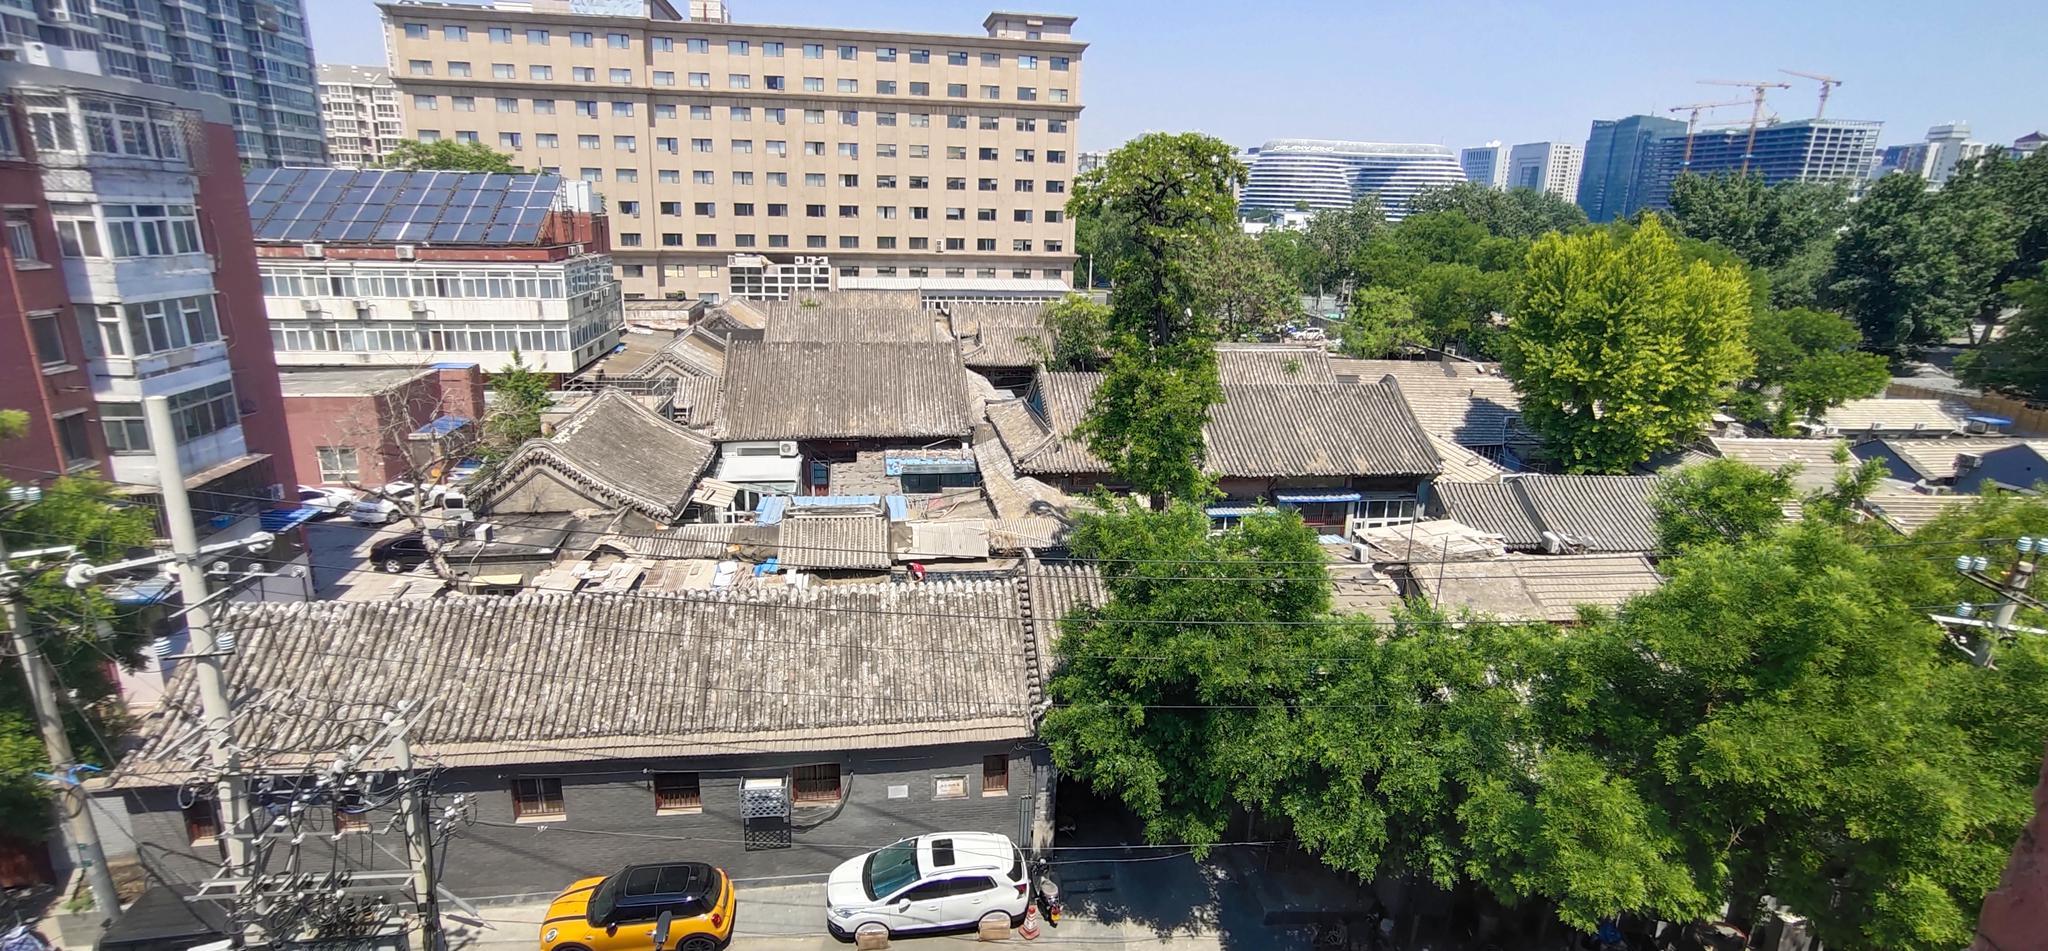 赵堂子胡同3号,朱启钤故居,东城区区保文物,现为外交部宿舍。